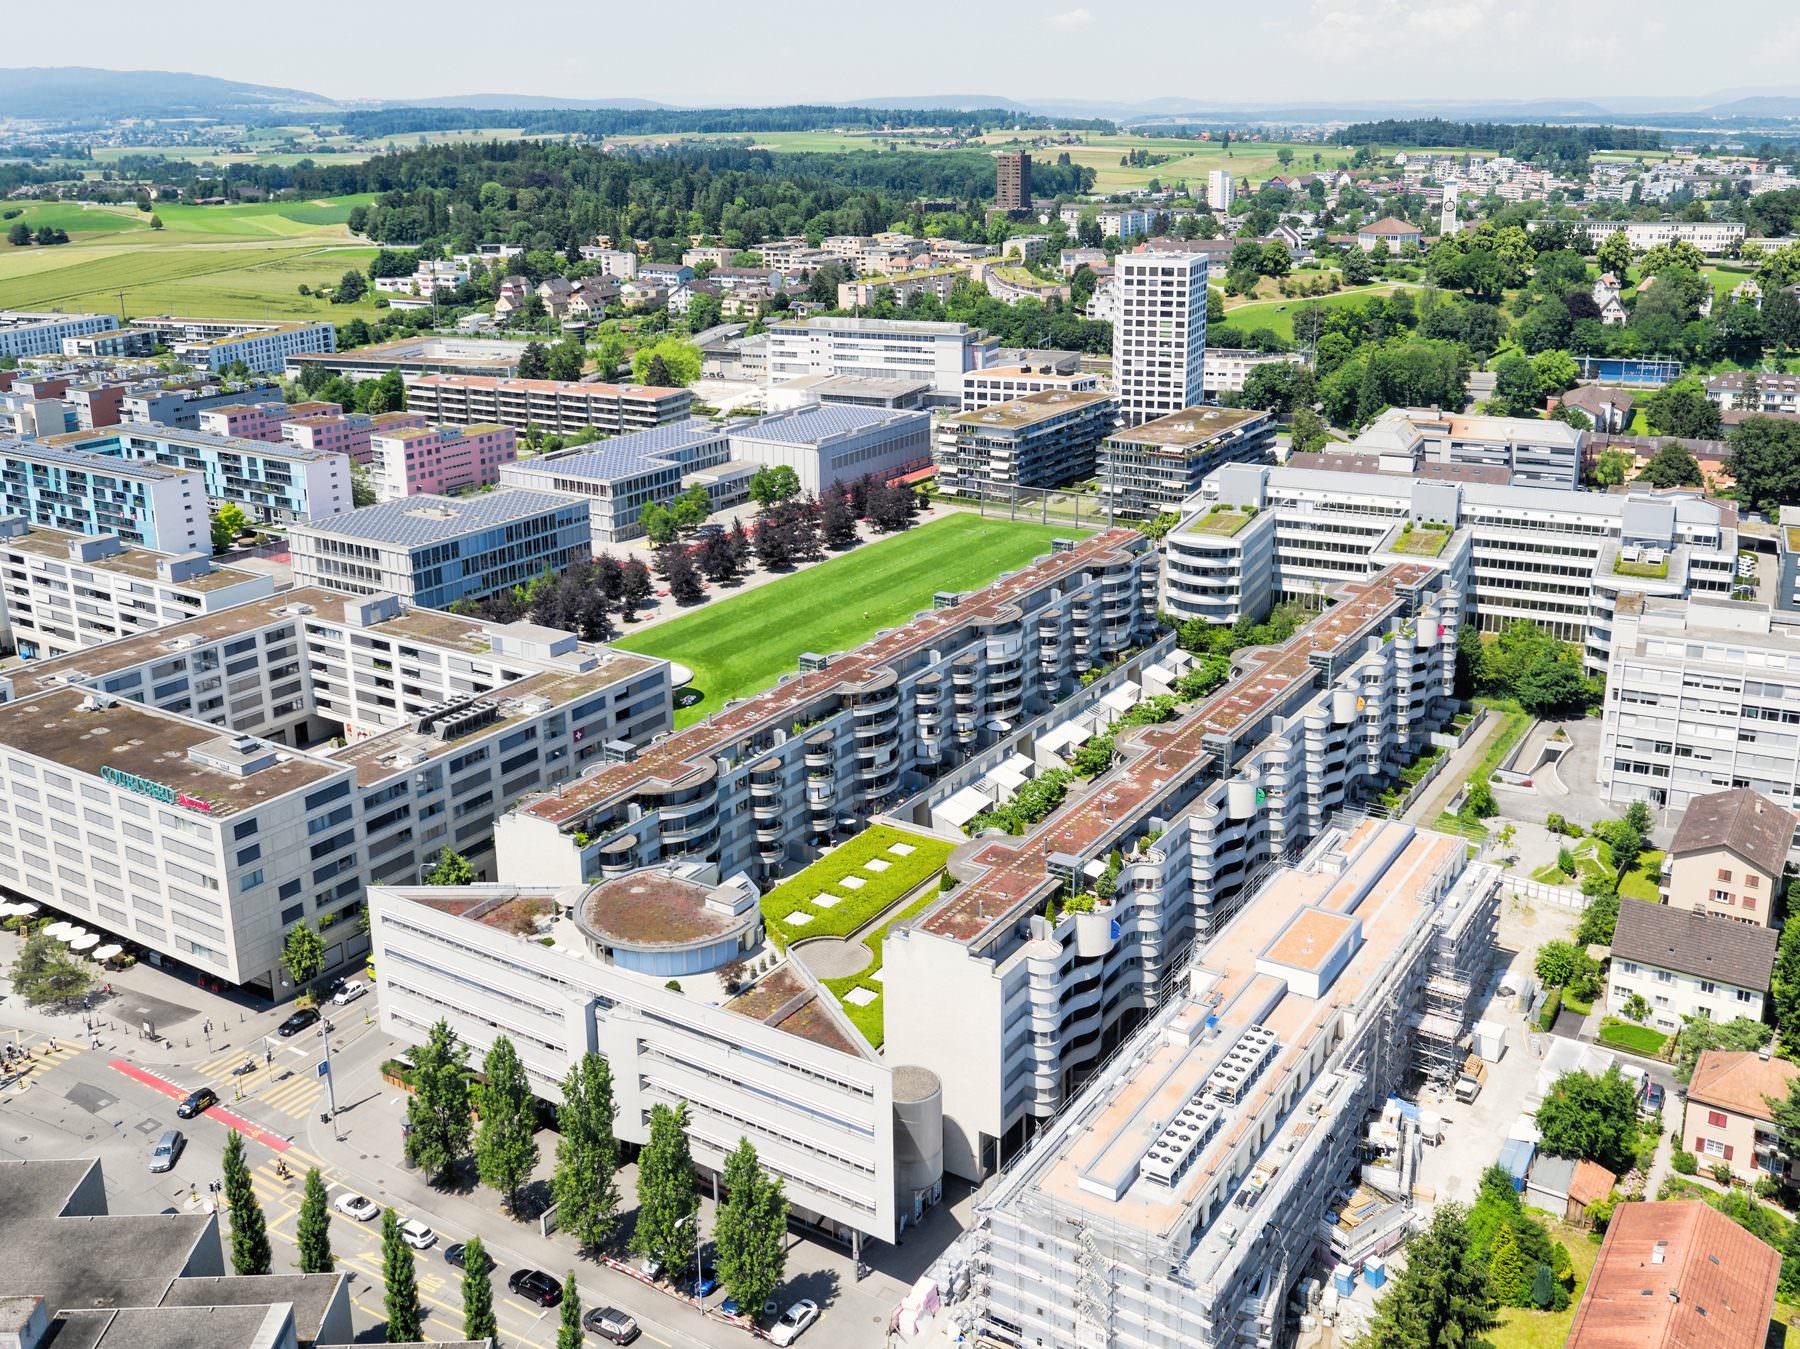 Luftaufnahme Immobilien BVK Binzmühlepark Luftaufnahme, gesamtes Gebäude, 150m, Züric © by Gerry Pacher